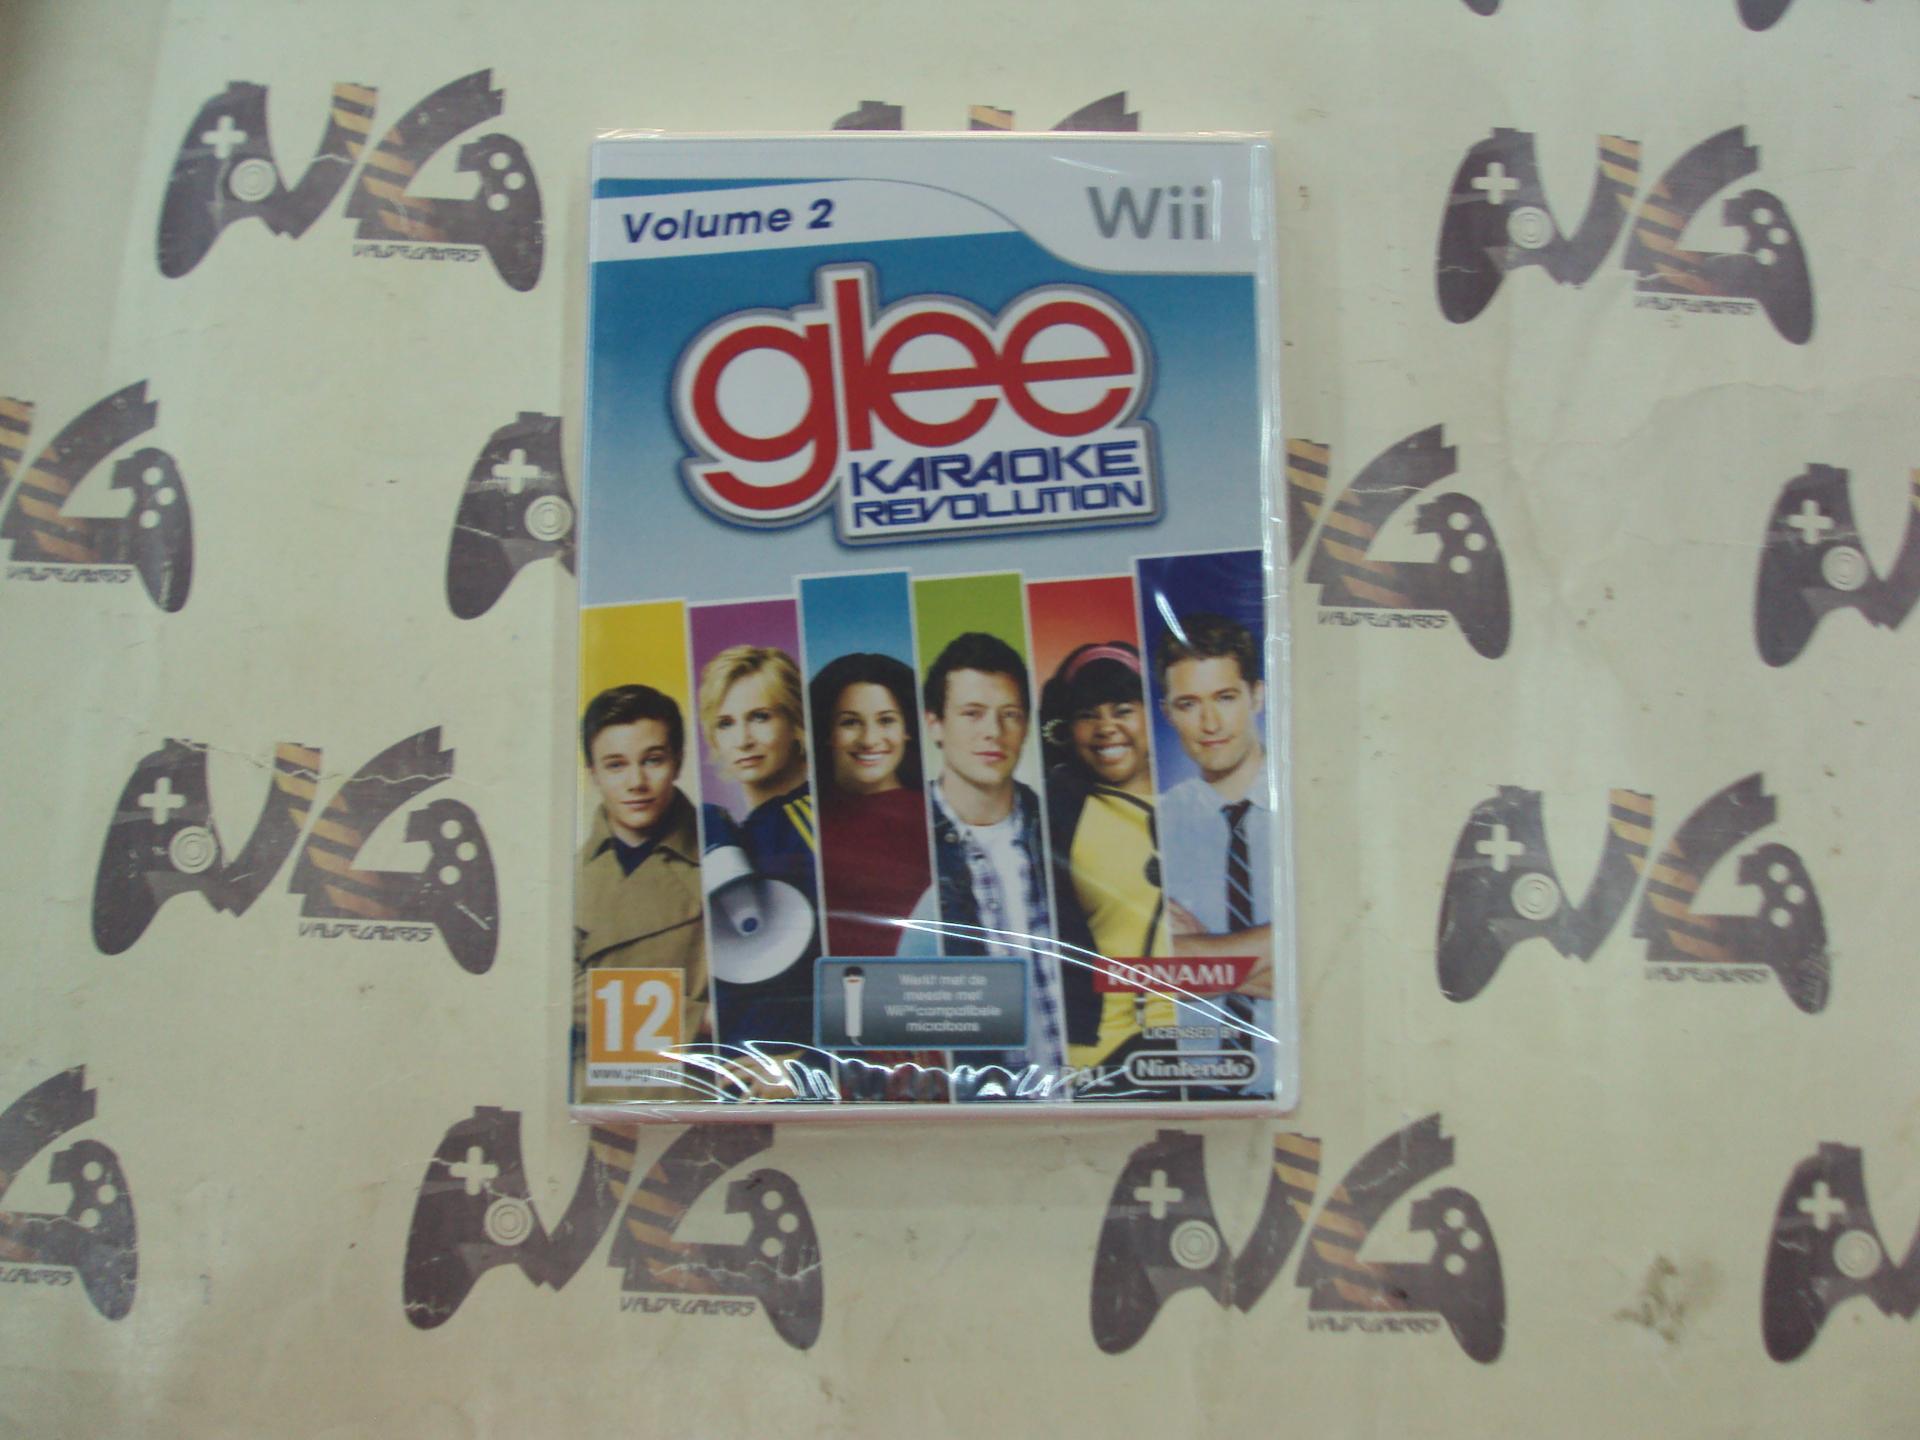 Karaoke Revolution Glee 2 - NUEVO